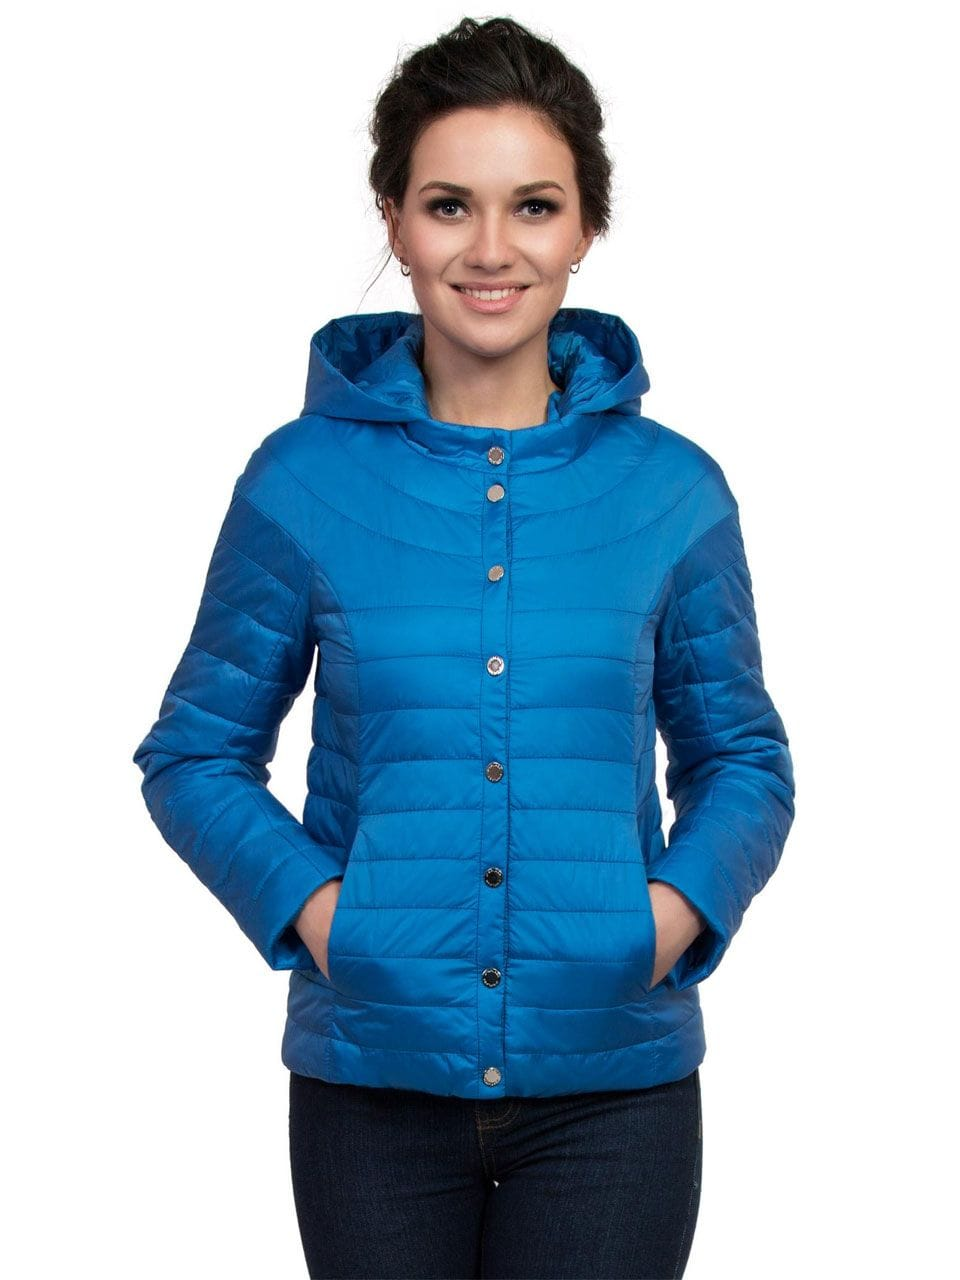 Синяя весення куртка с капющоном J-Splash